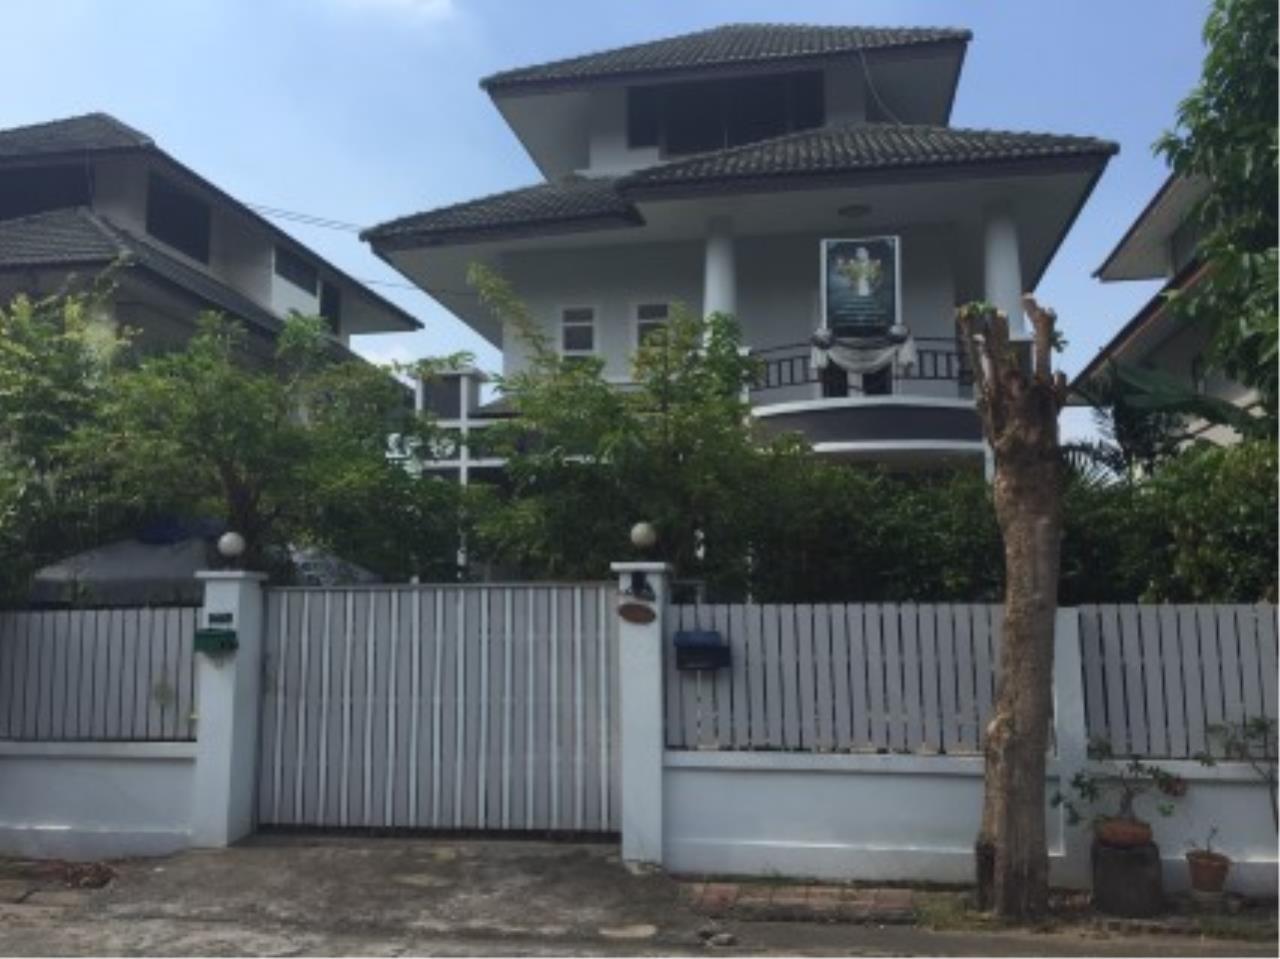 ขาย บ้าน แขวงทวีวัฒนา เขตทวีวัฒนา กรุงเทพมหานคร, ภาพที่ 1